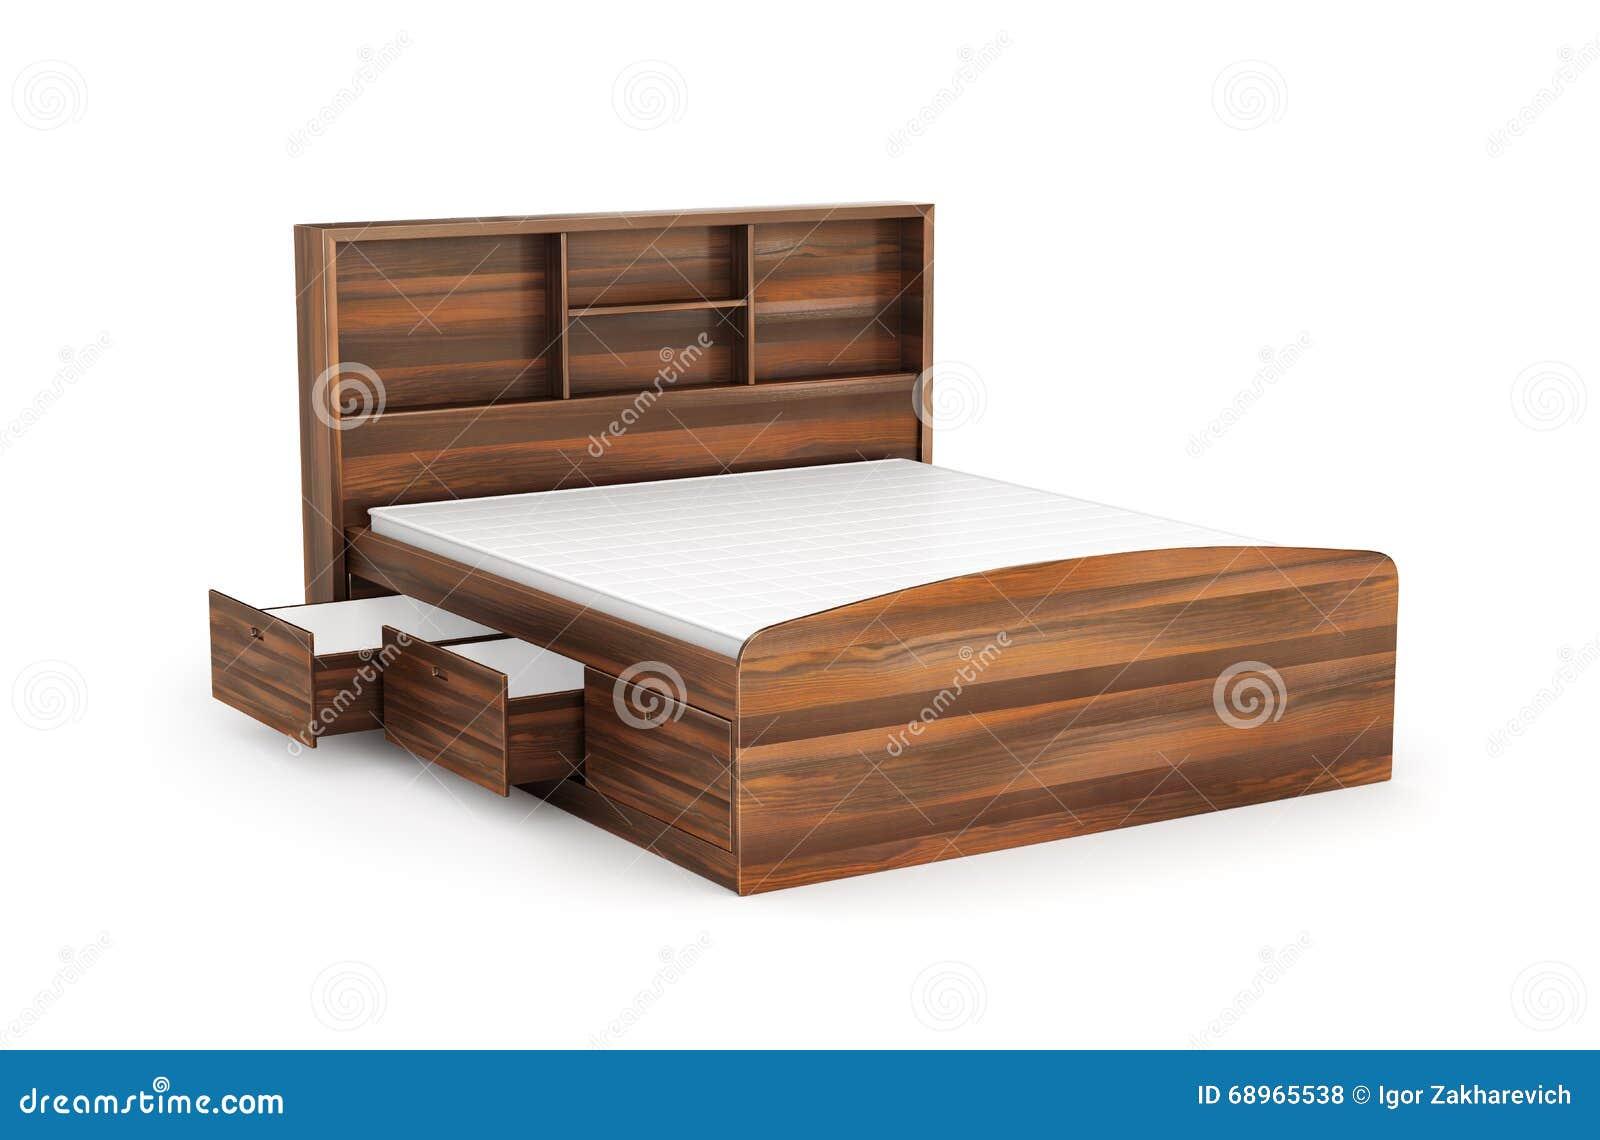 Cama matrimonial con el caj n de debajo stock de - Camas con cama debajo ...